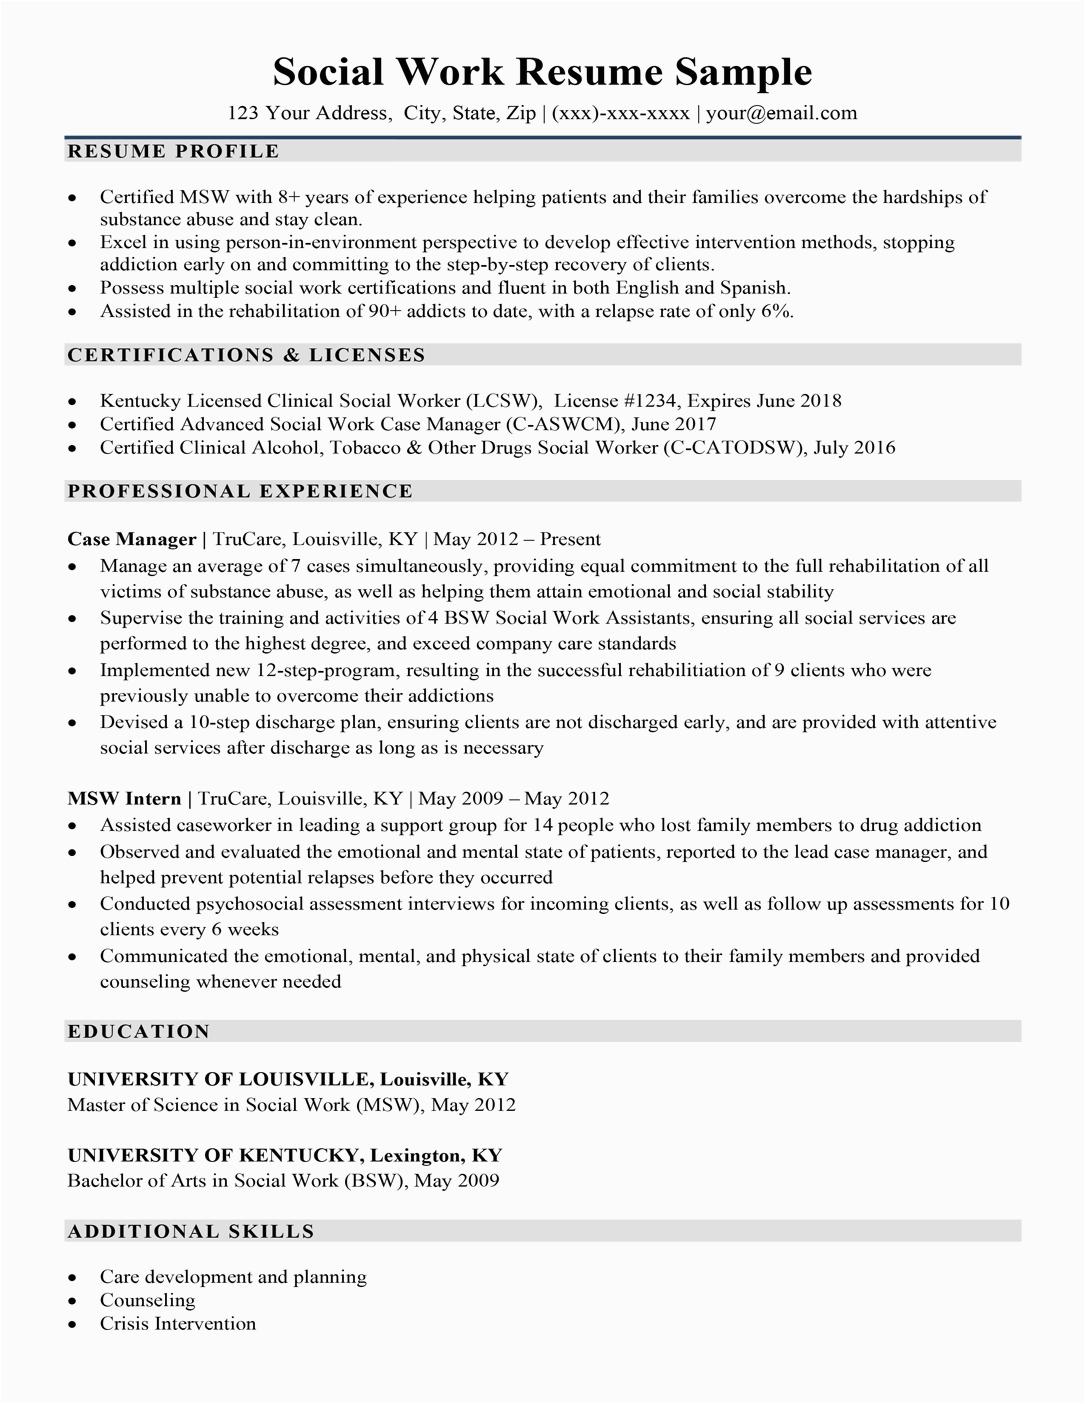 social work resume sample